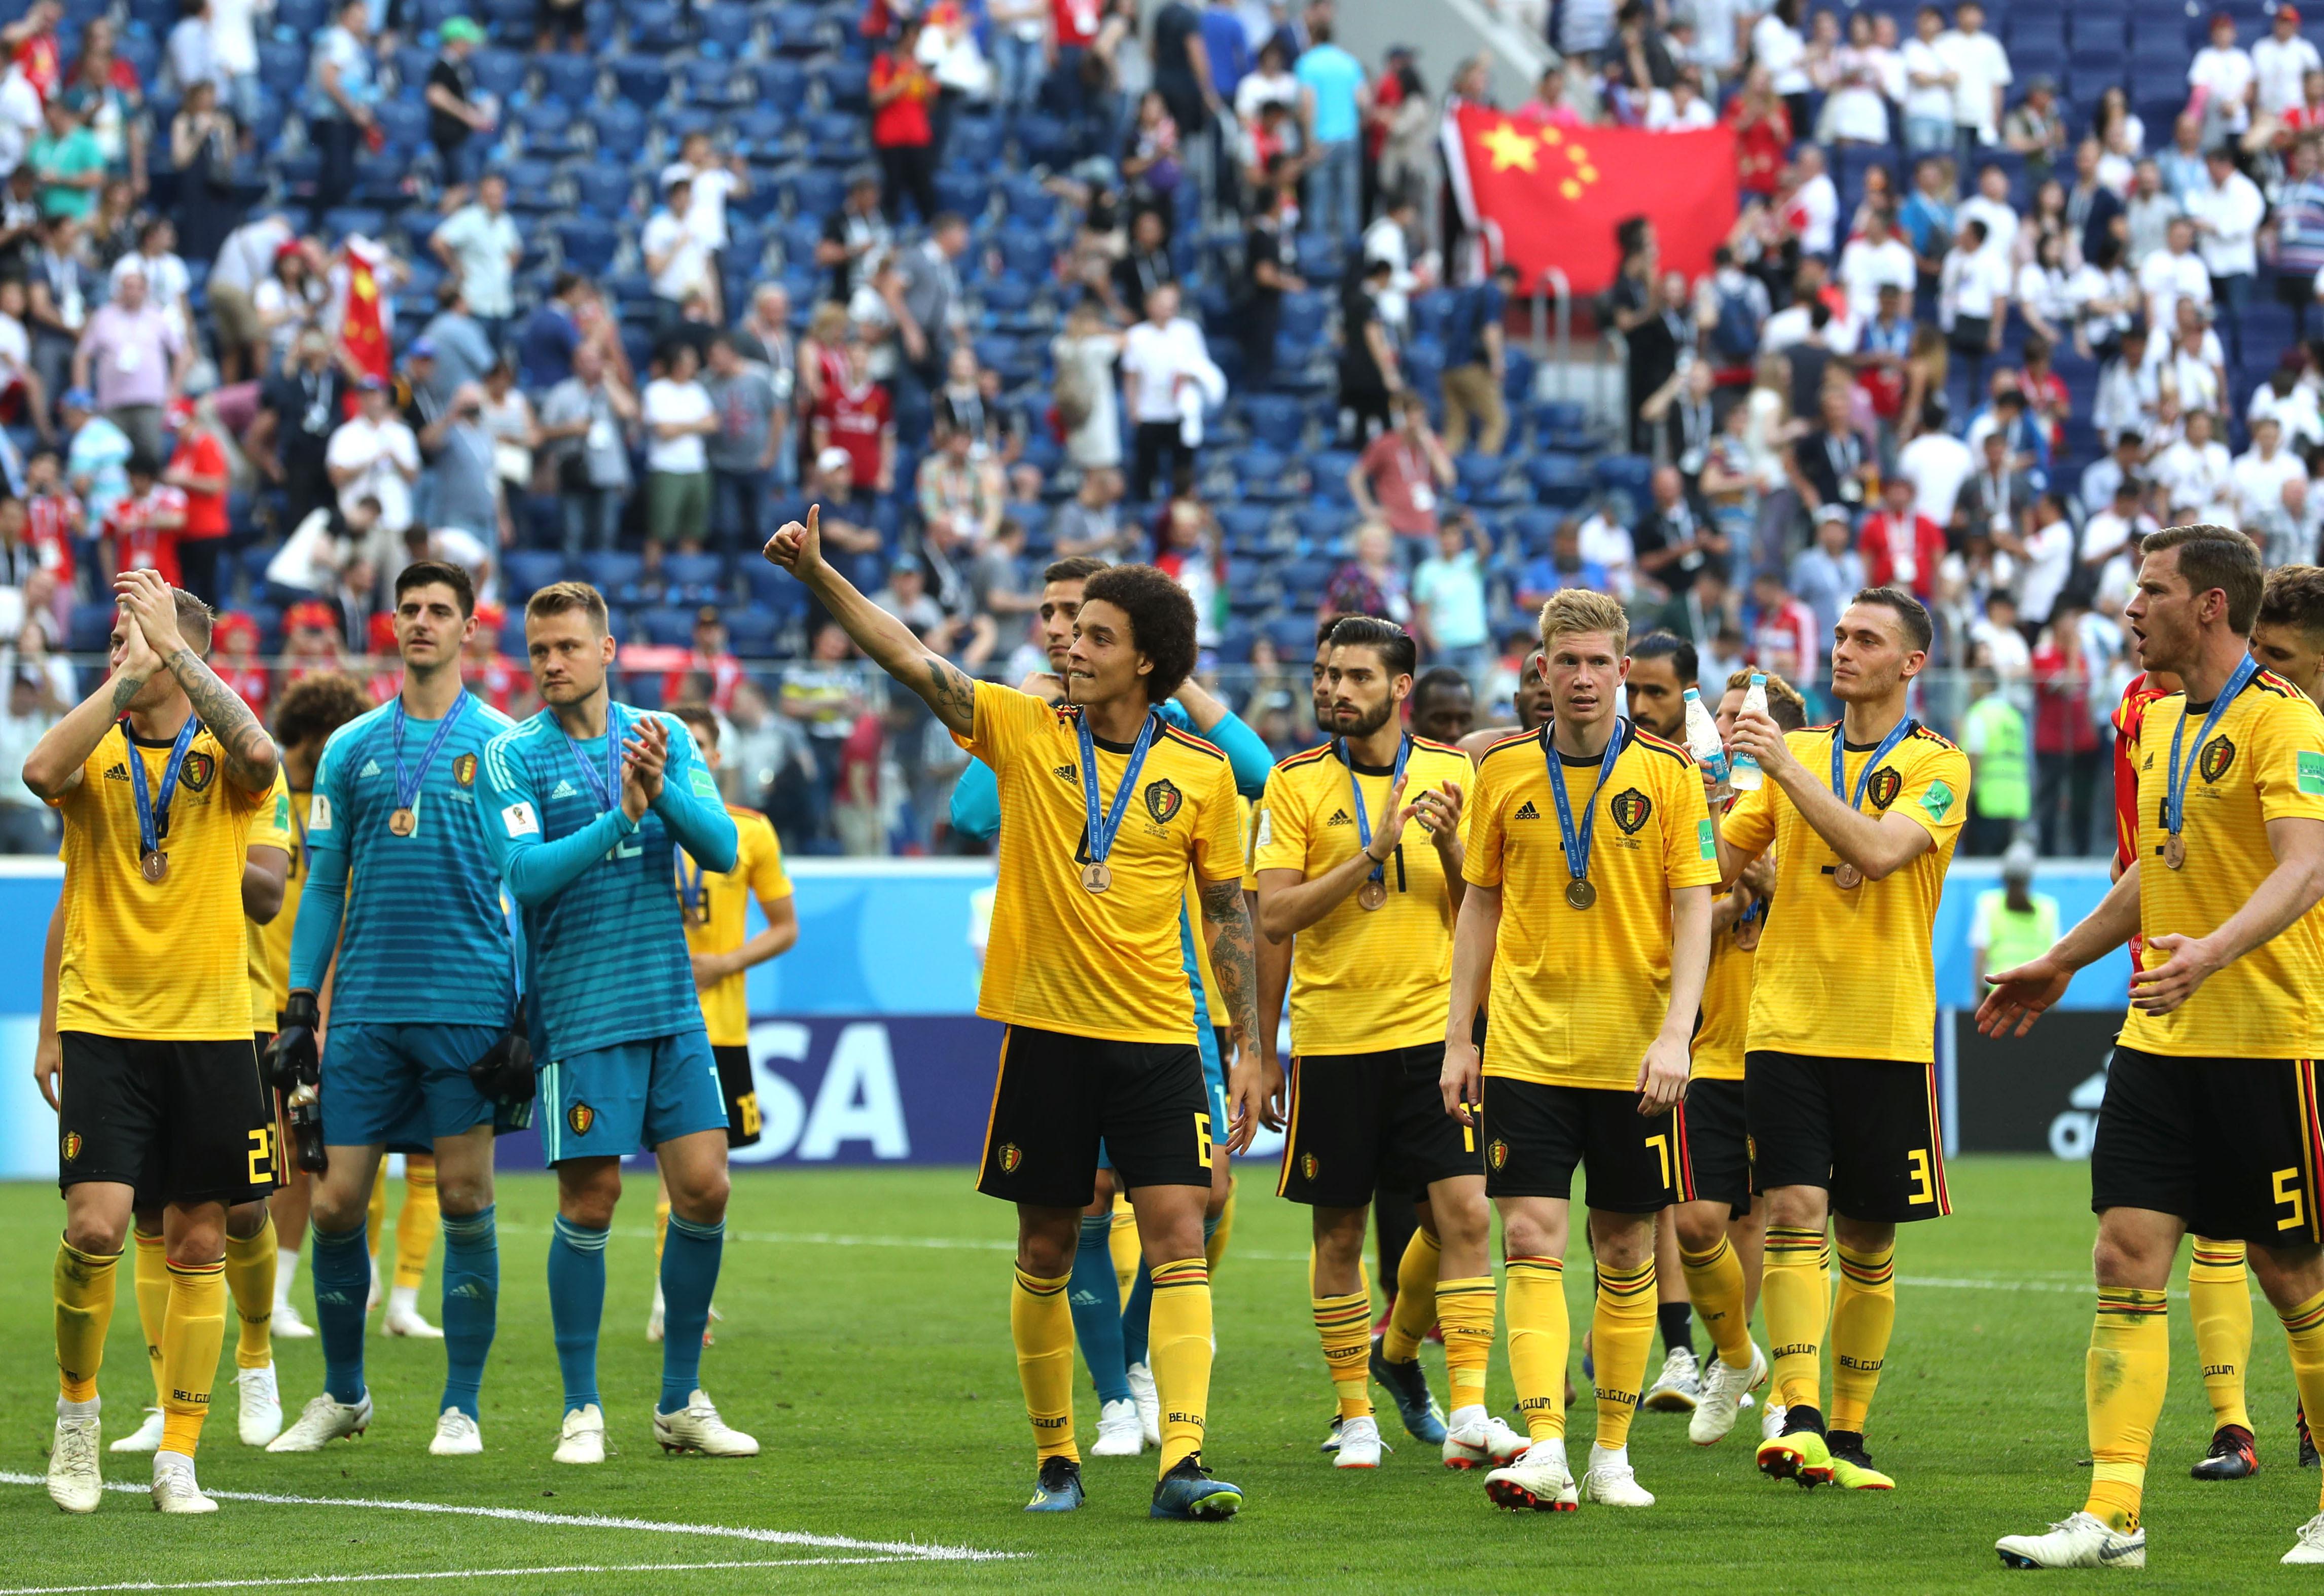 世界杯|比利时队获季军 创历史最佳战绩